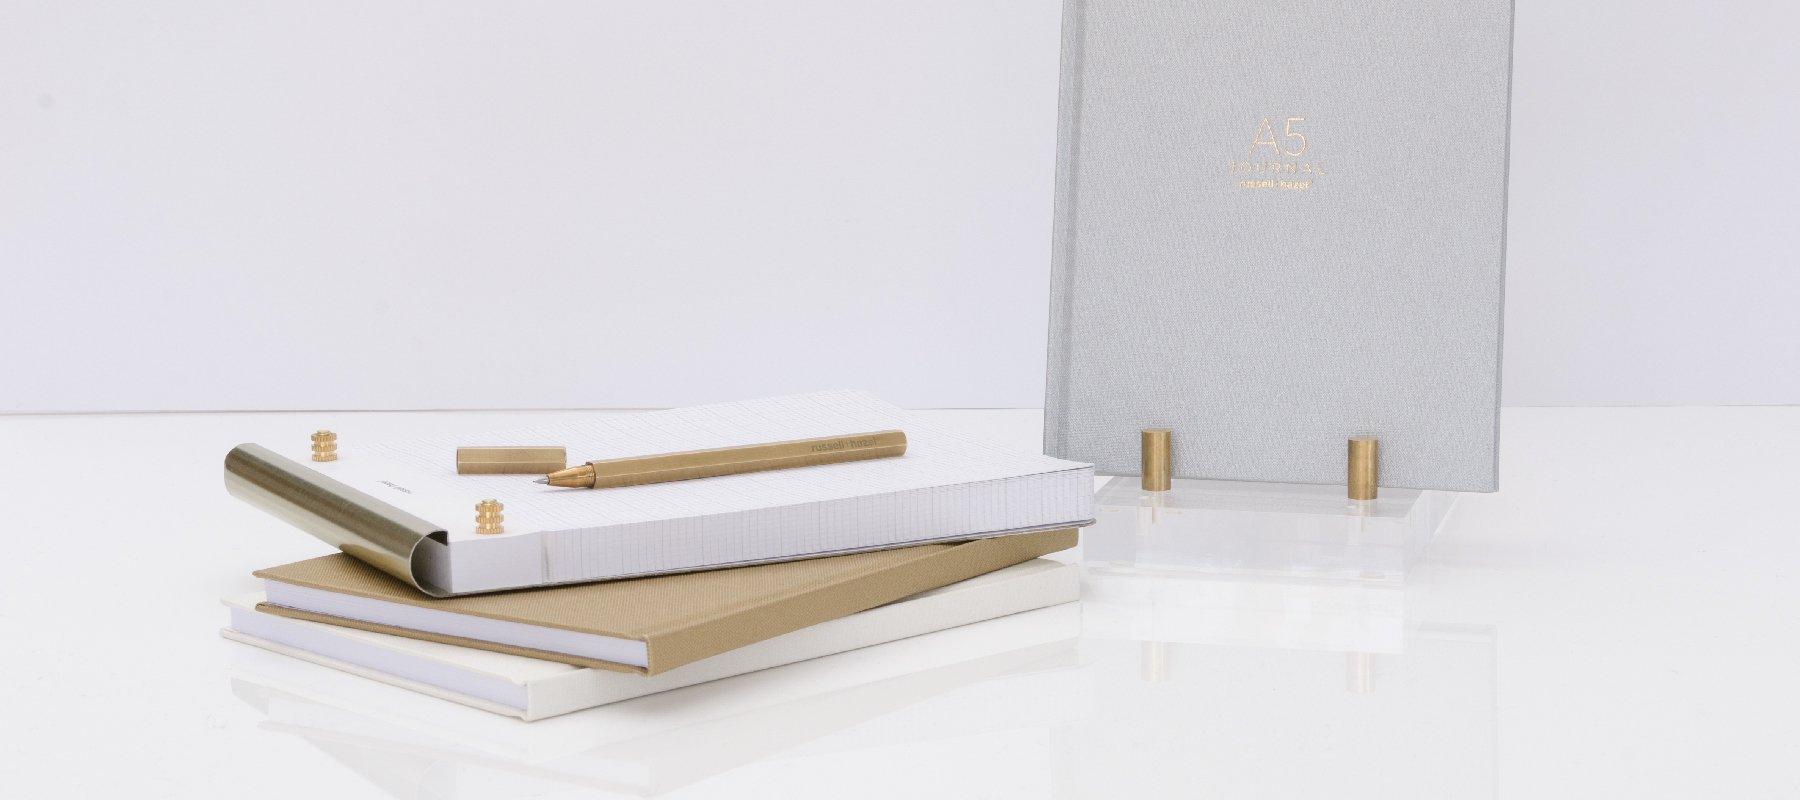 Bookcloth Journals  russell+hazel